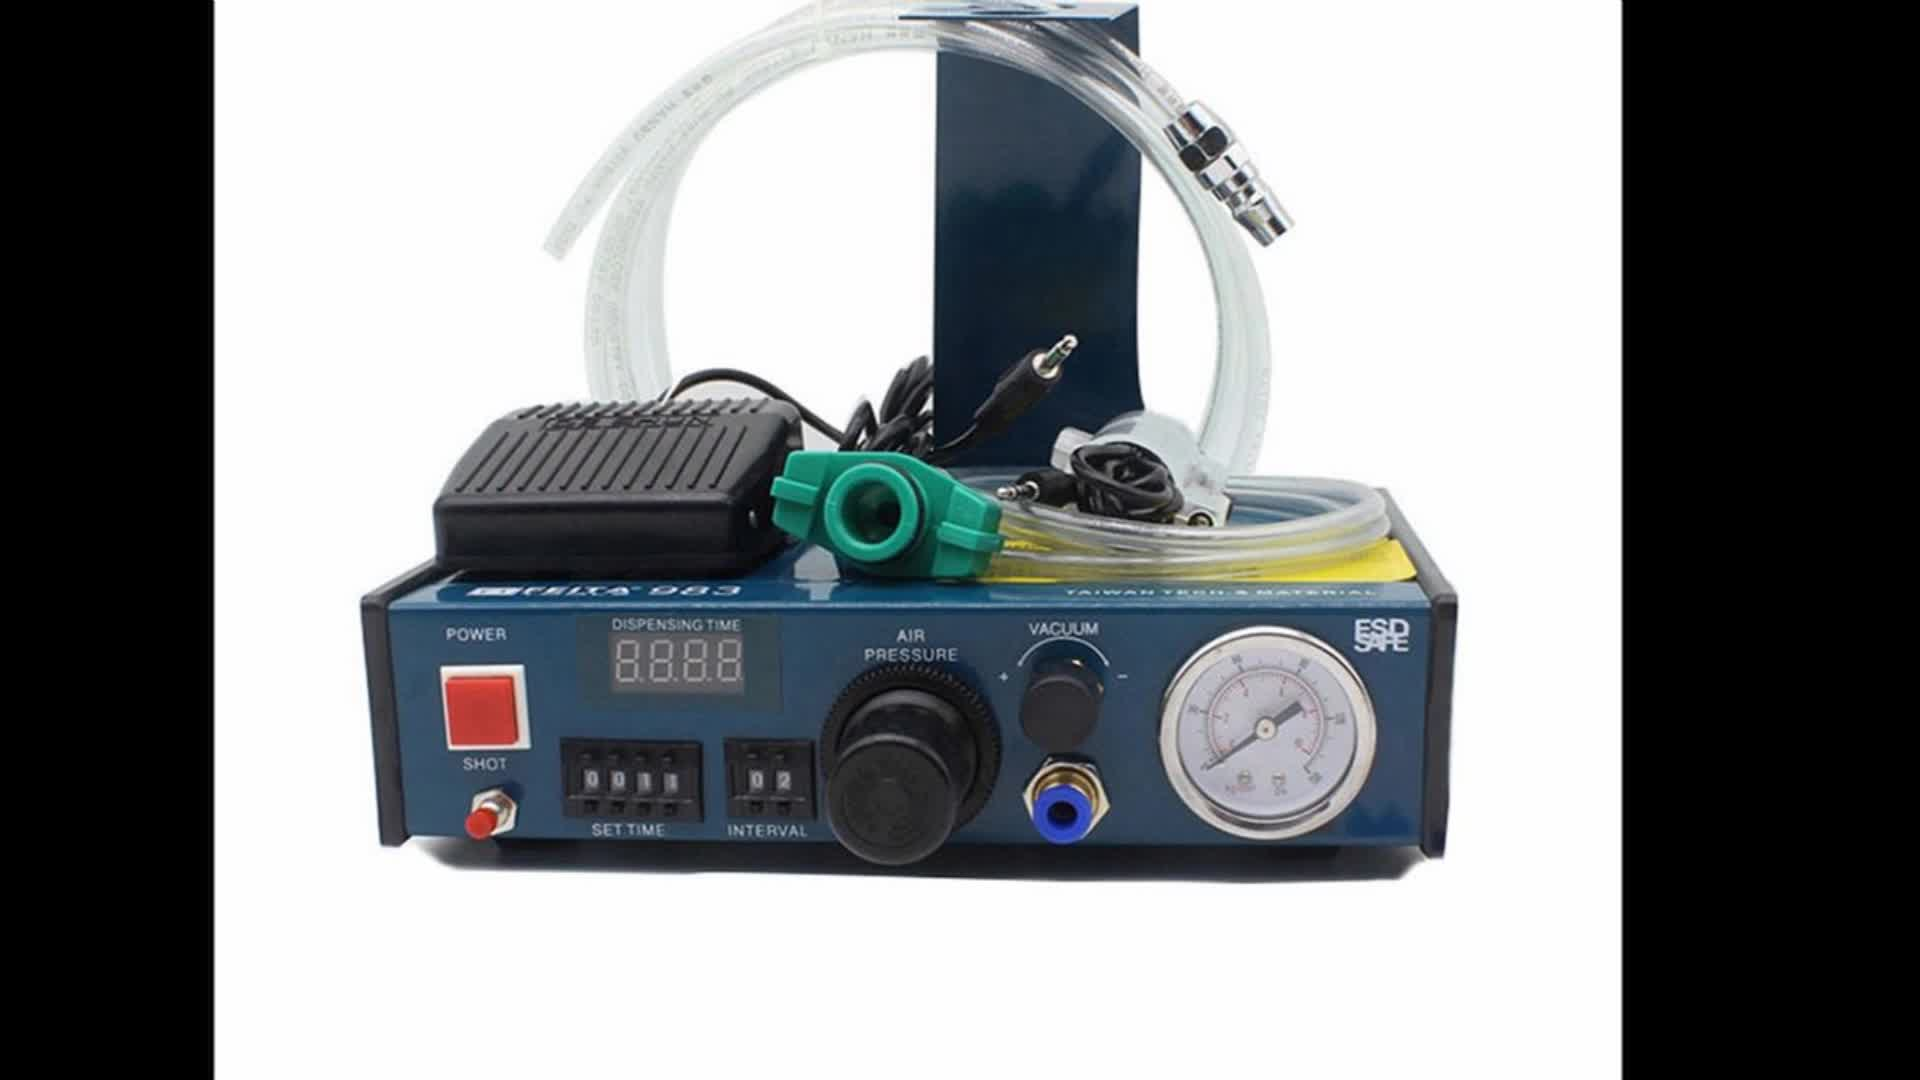 FEITA 983 Silicone Epoxy Resin Liquid Auto Glue Dispenser Fluid Paste Dispensing Machine